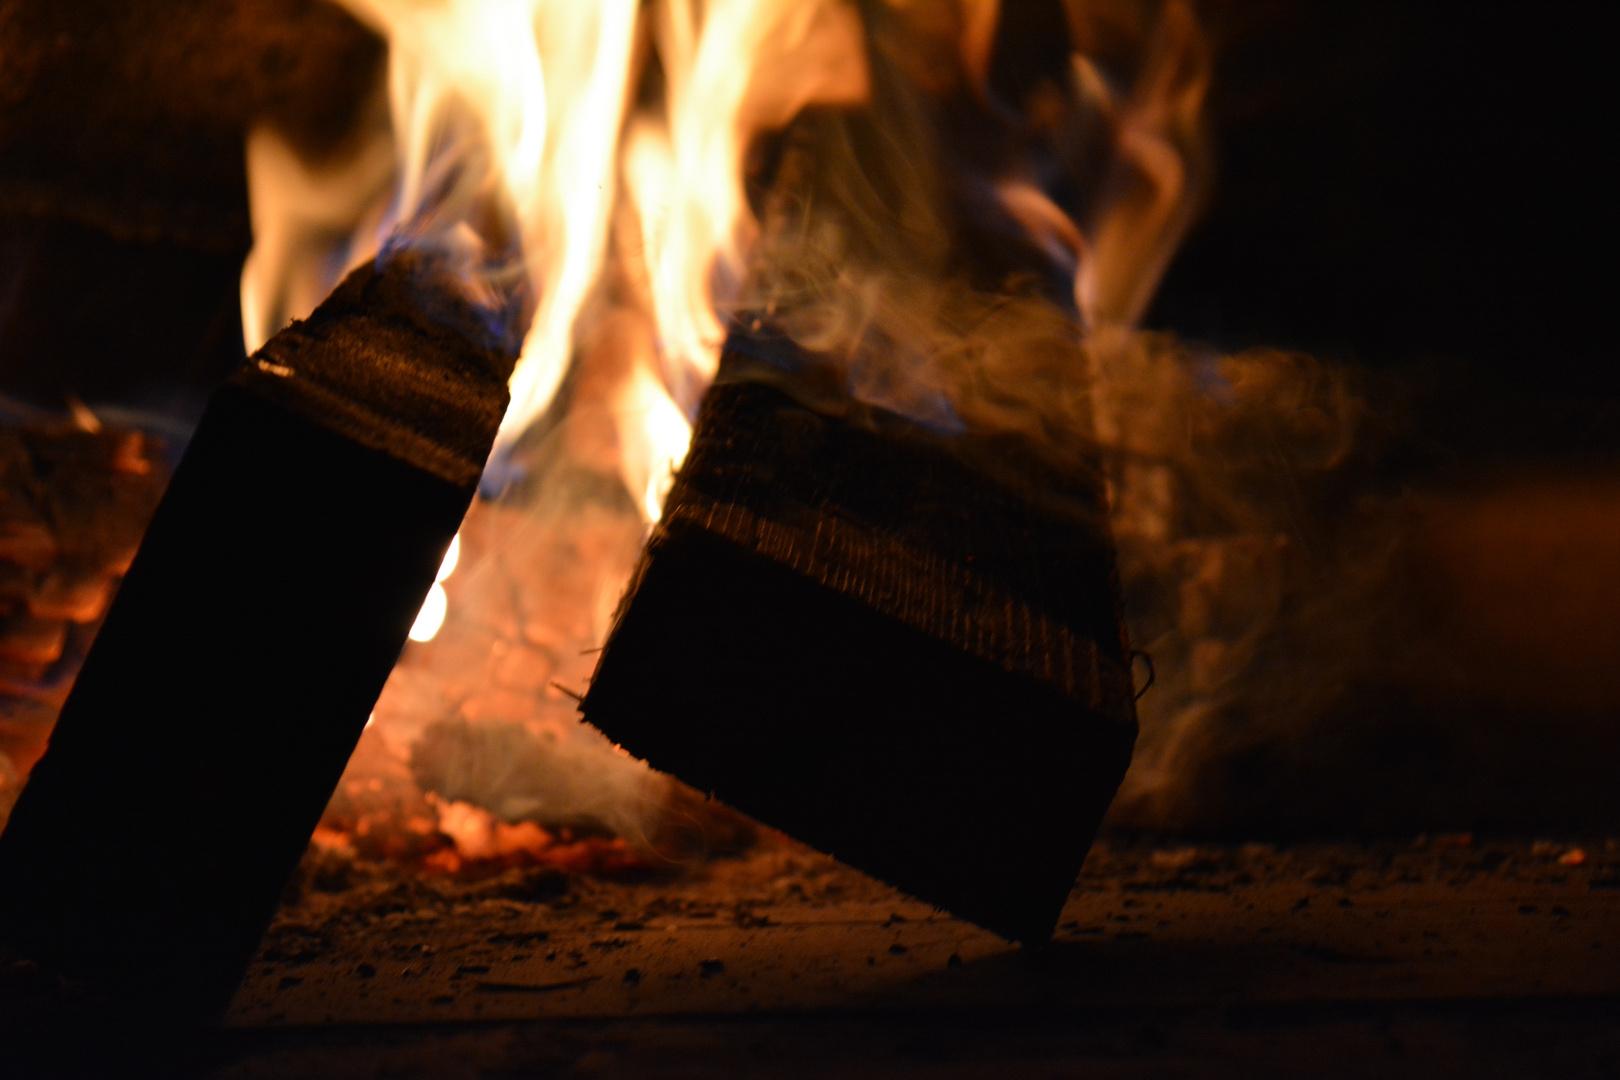 Rauch und Holz